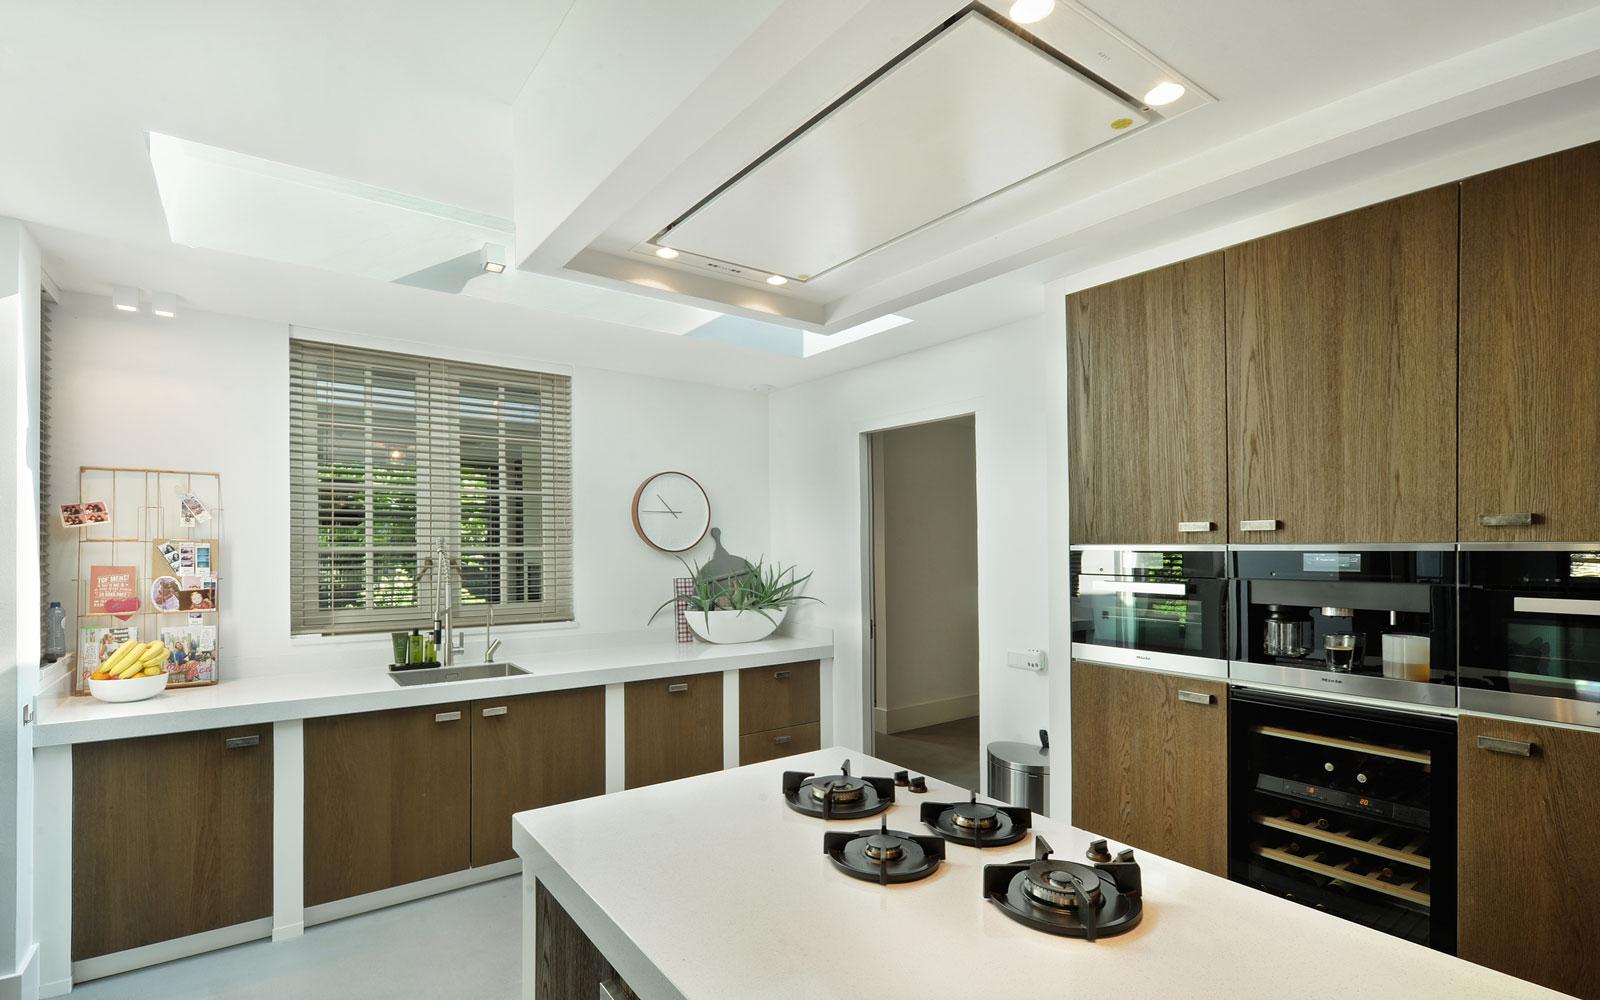 Open keuken, ruimtelijk, kookeiland, Van Ginkel Keukens, hout, wit, metamorfose, Boxxis Architecten